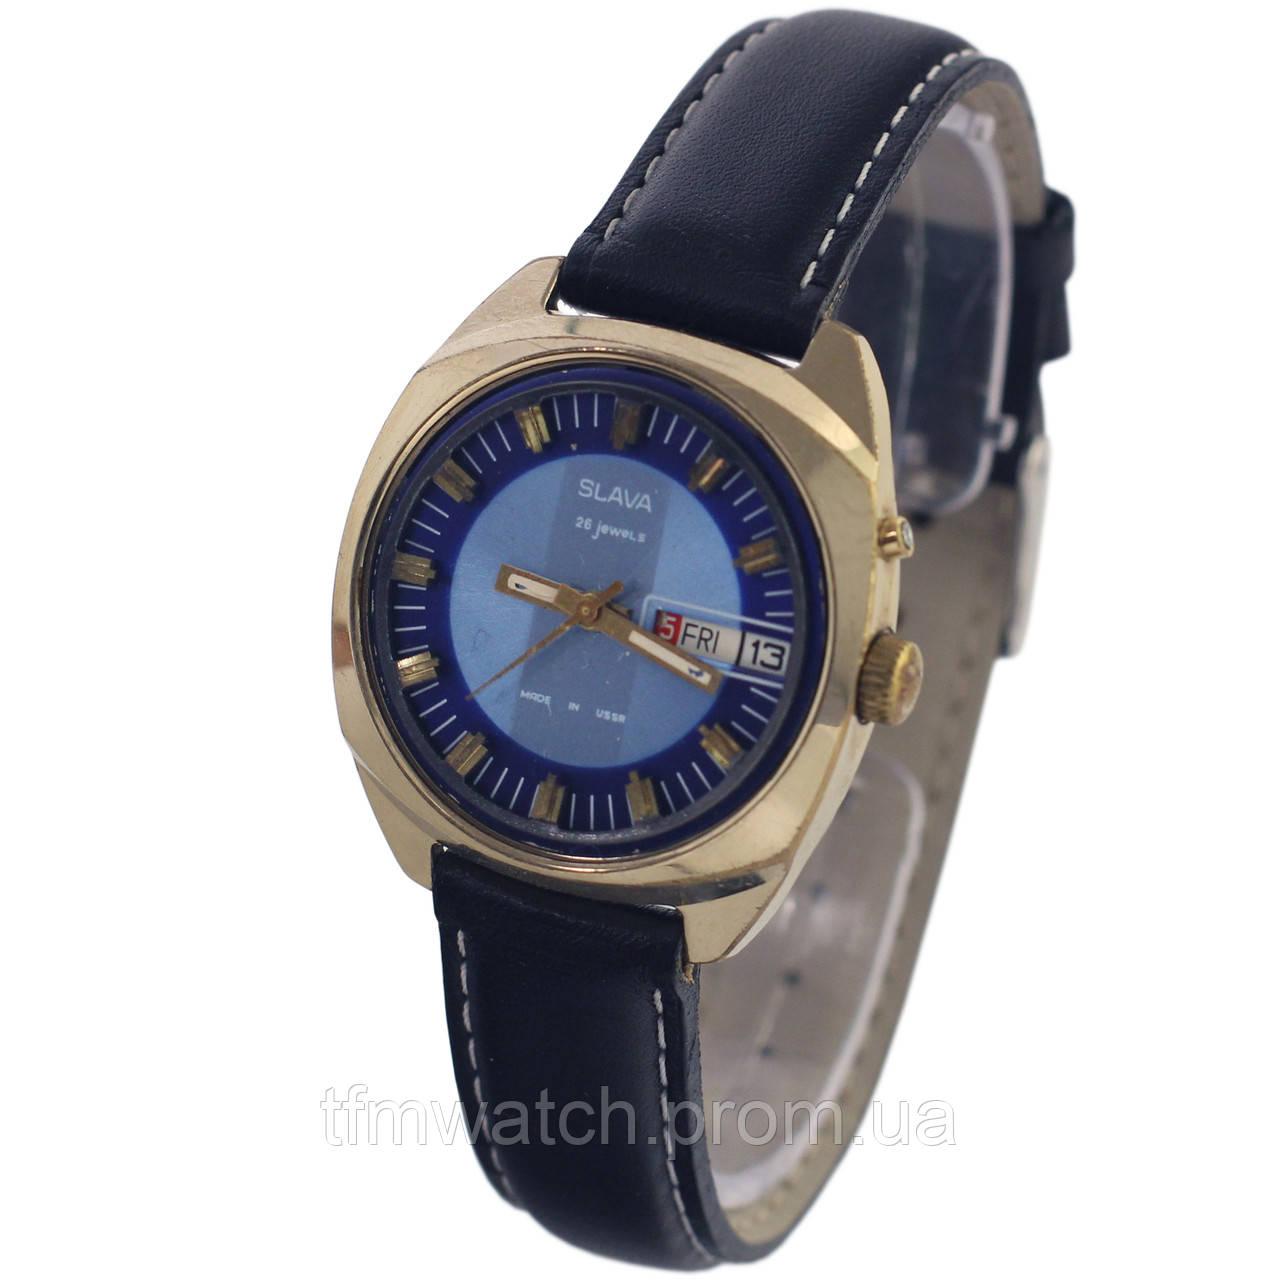 26 камней стоимость часы слава часов apple скупка